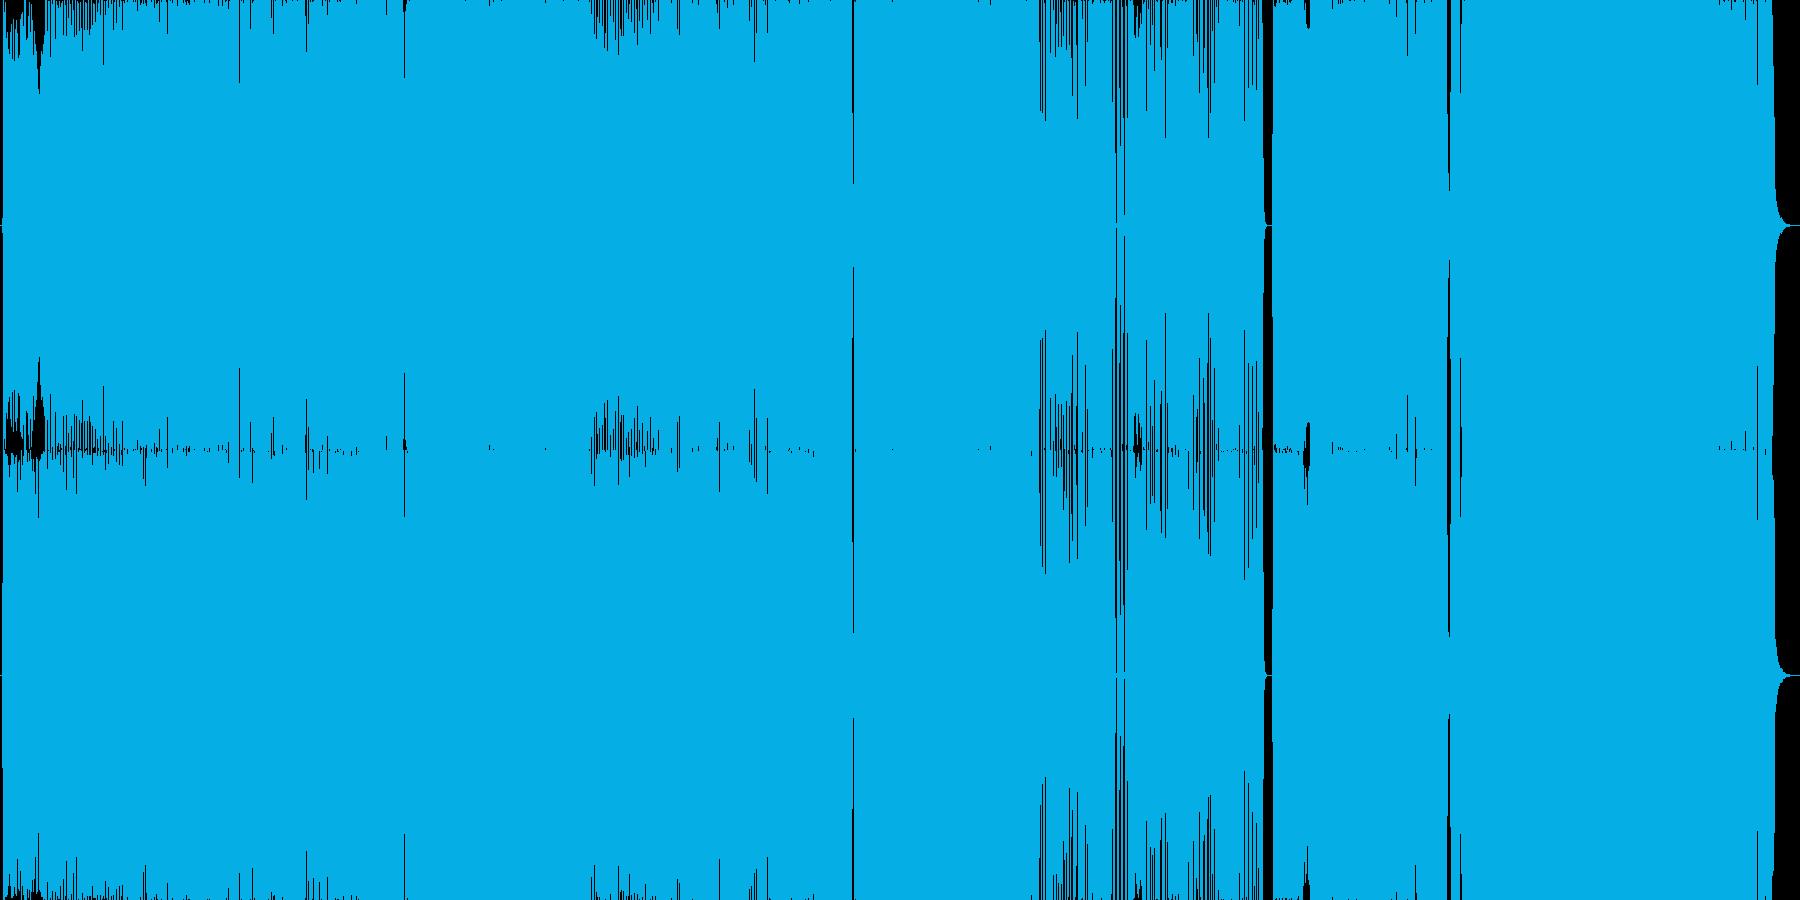 軽快で展開の速いロック曲。ノリがよい。の再生済みの波形